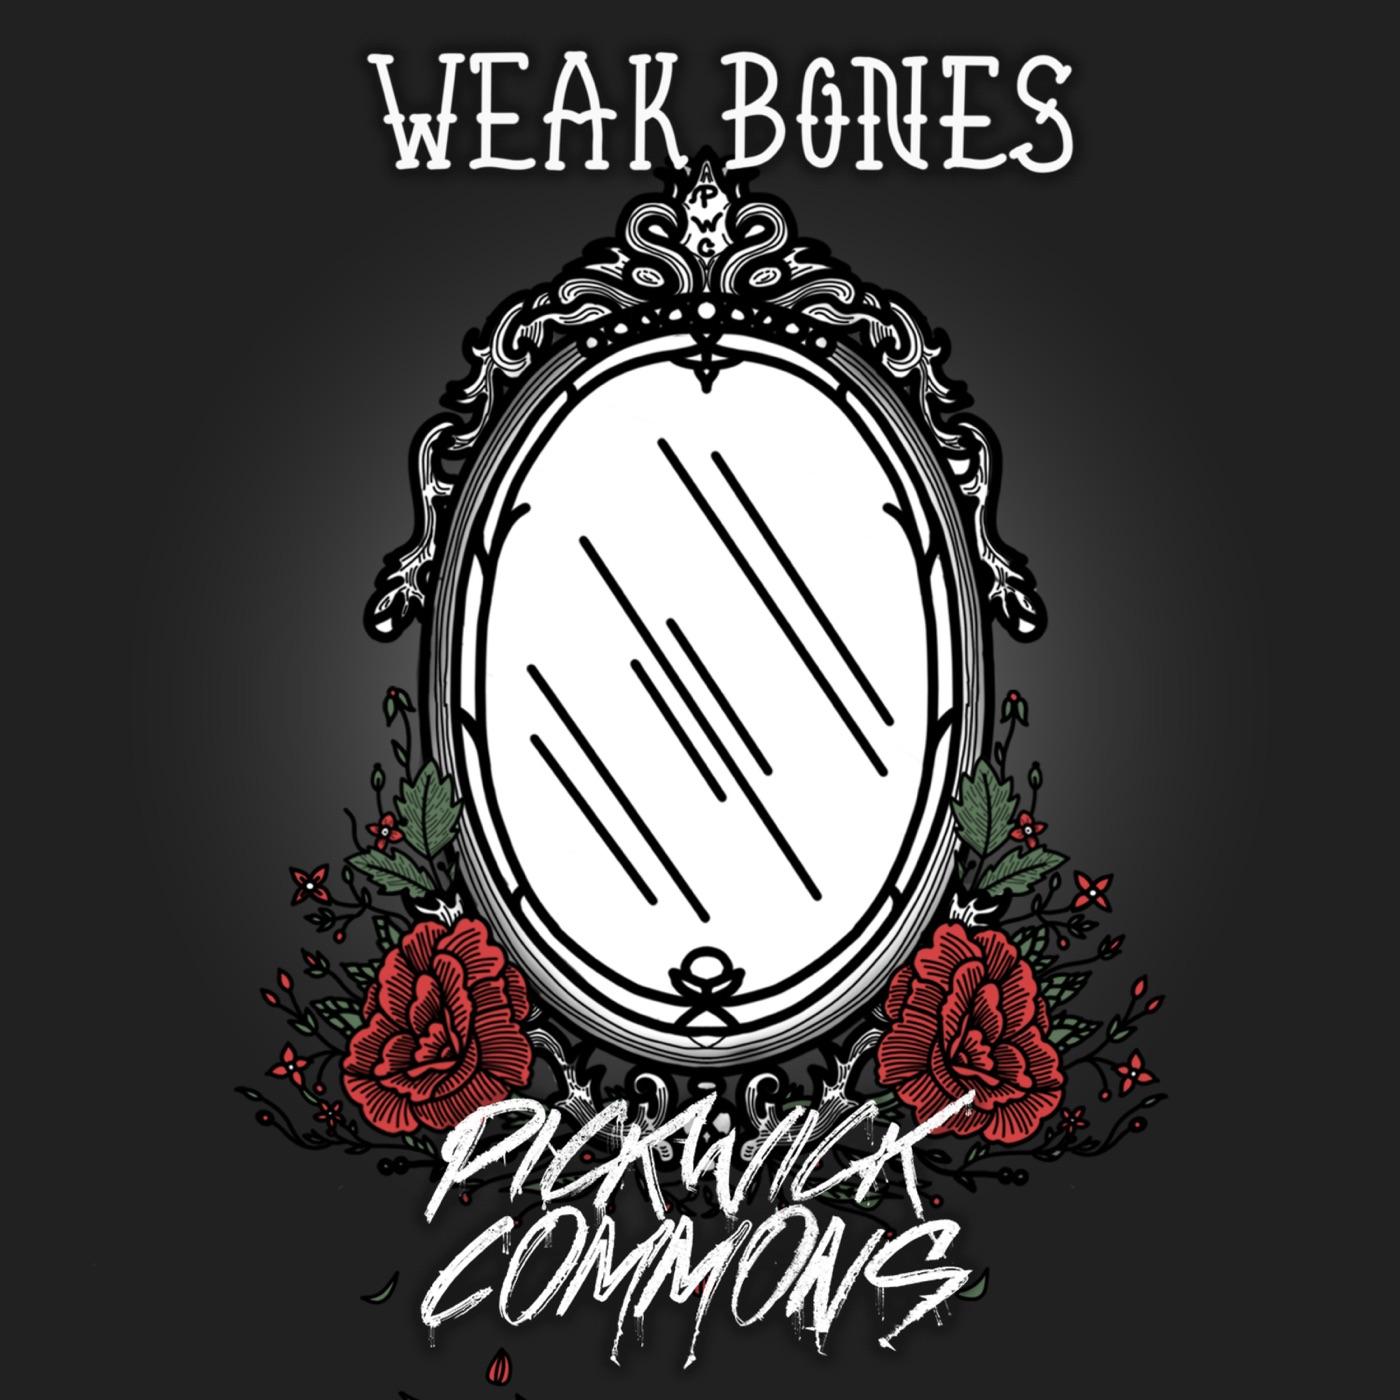 Pickwick Commons - Weak Bones (2019)